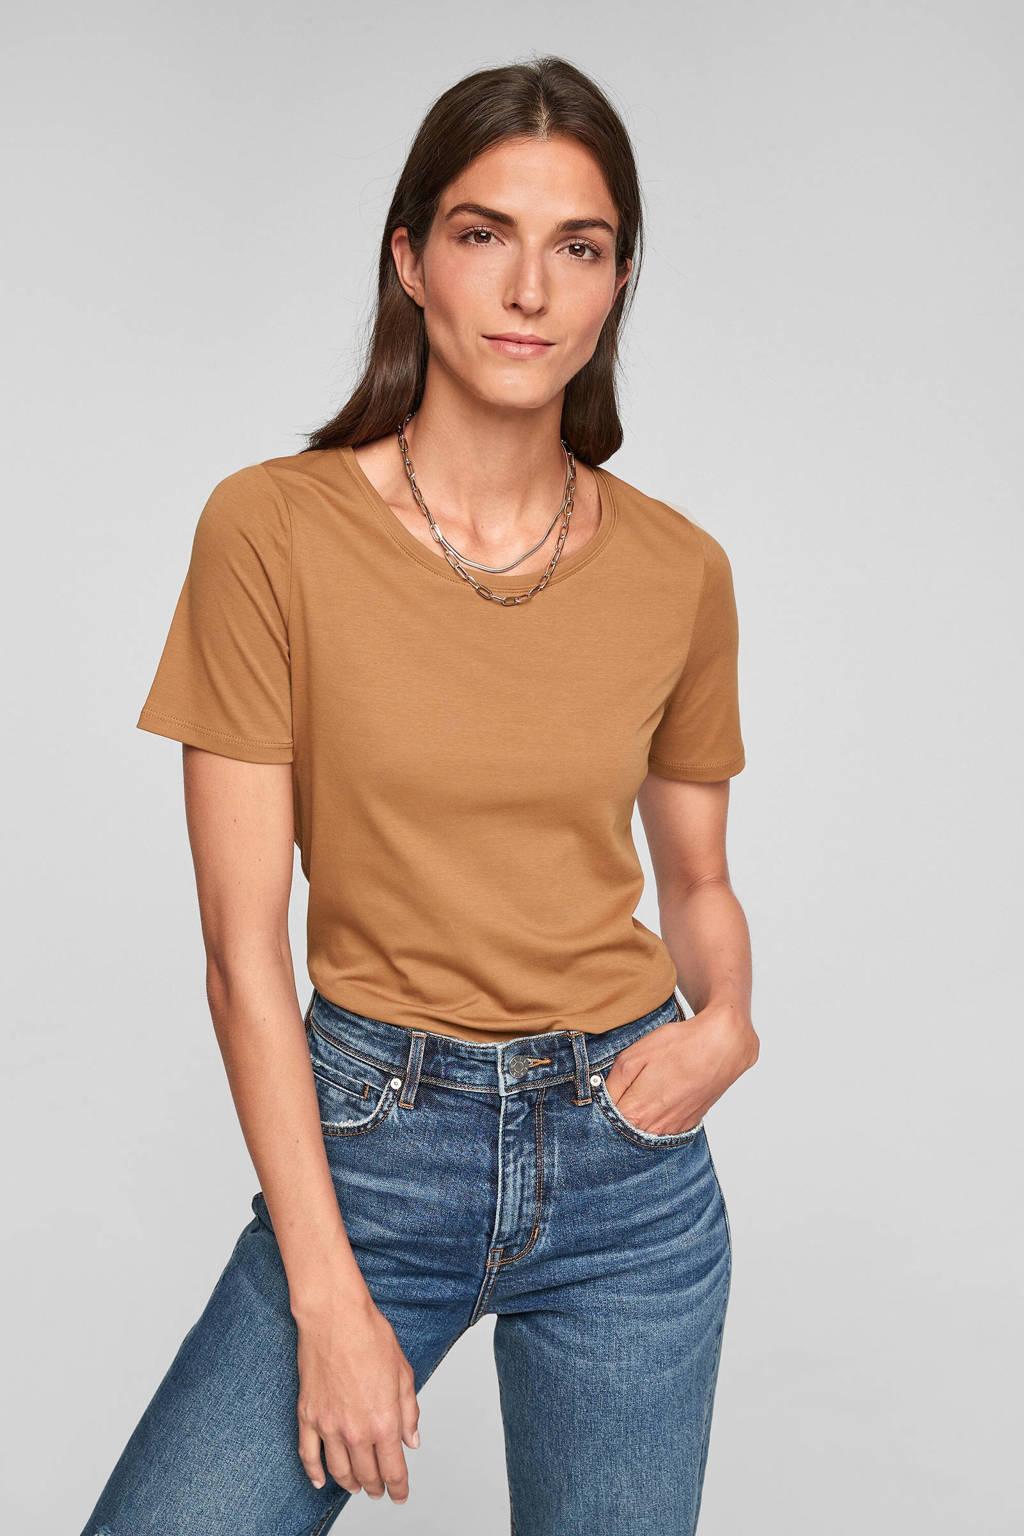 s.Oliver katoenen basis t-shirt lichtbruin, Lichtbruin